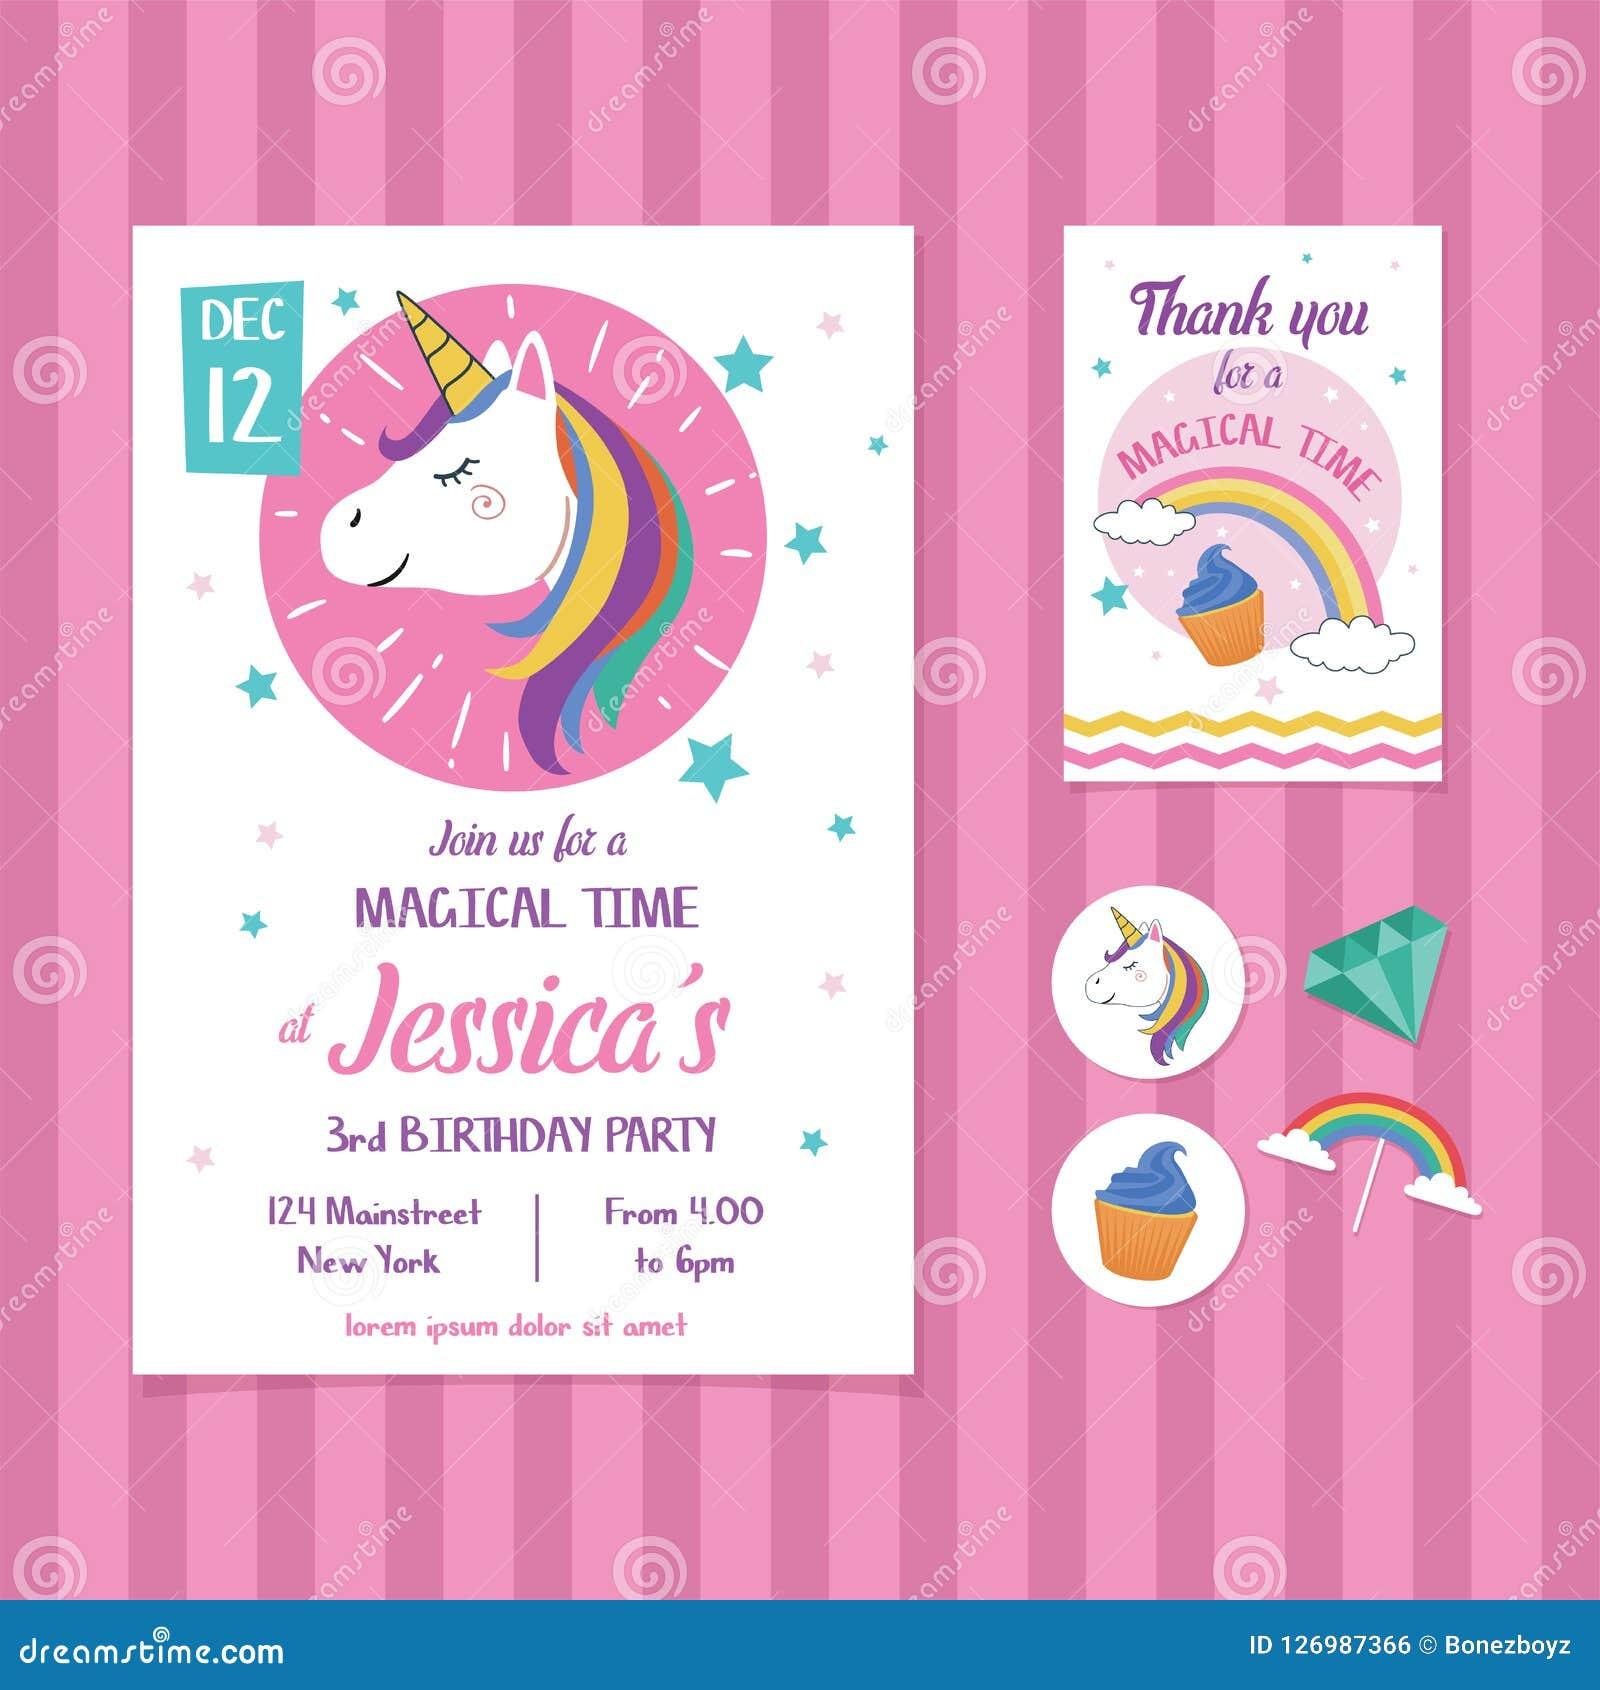 Unicorn Birthday Invitation Card Template Con Unicorn Head